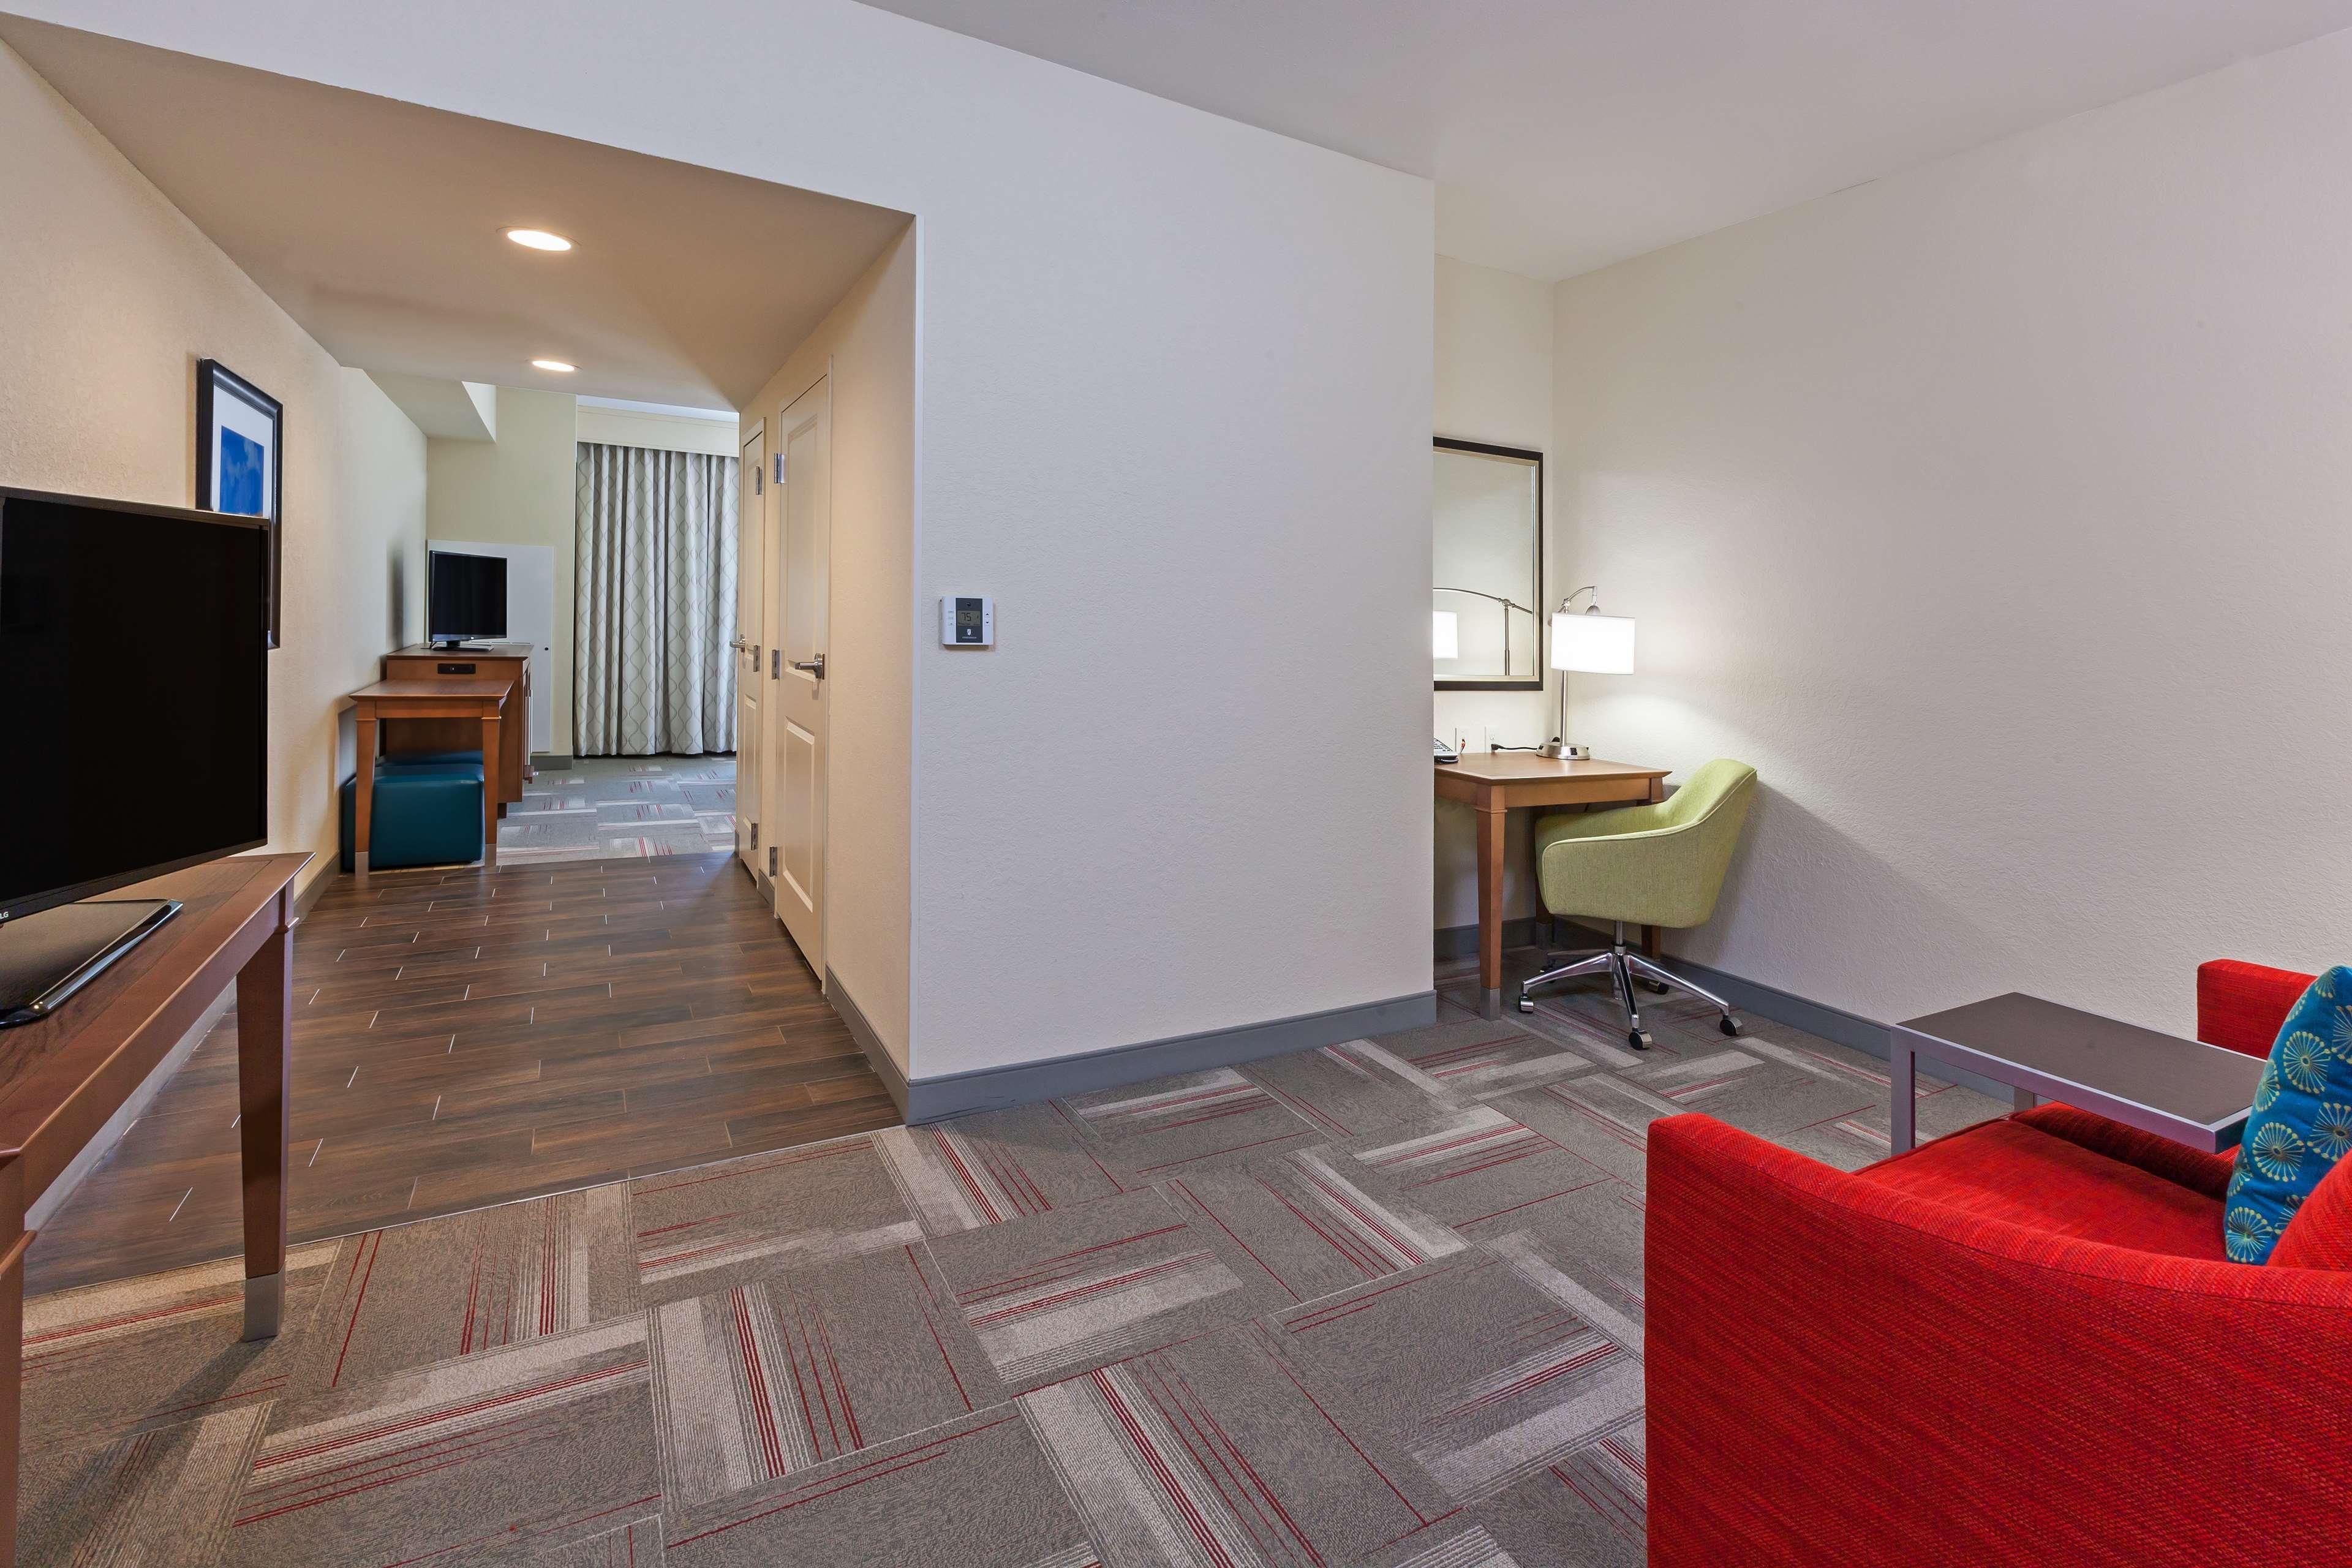 Hampton Inn & Suites Claremore image 30